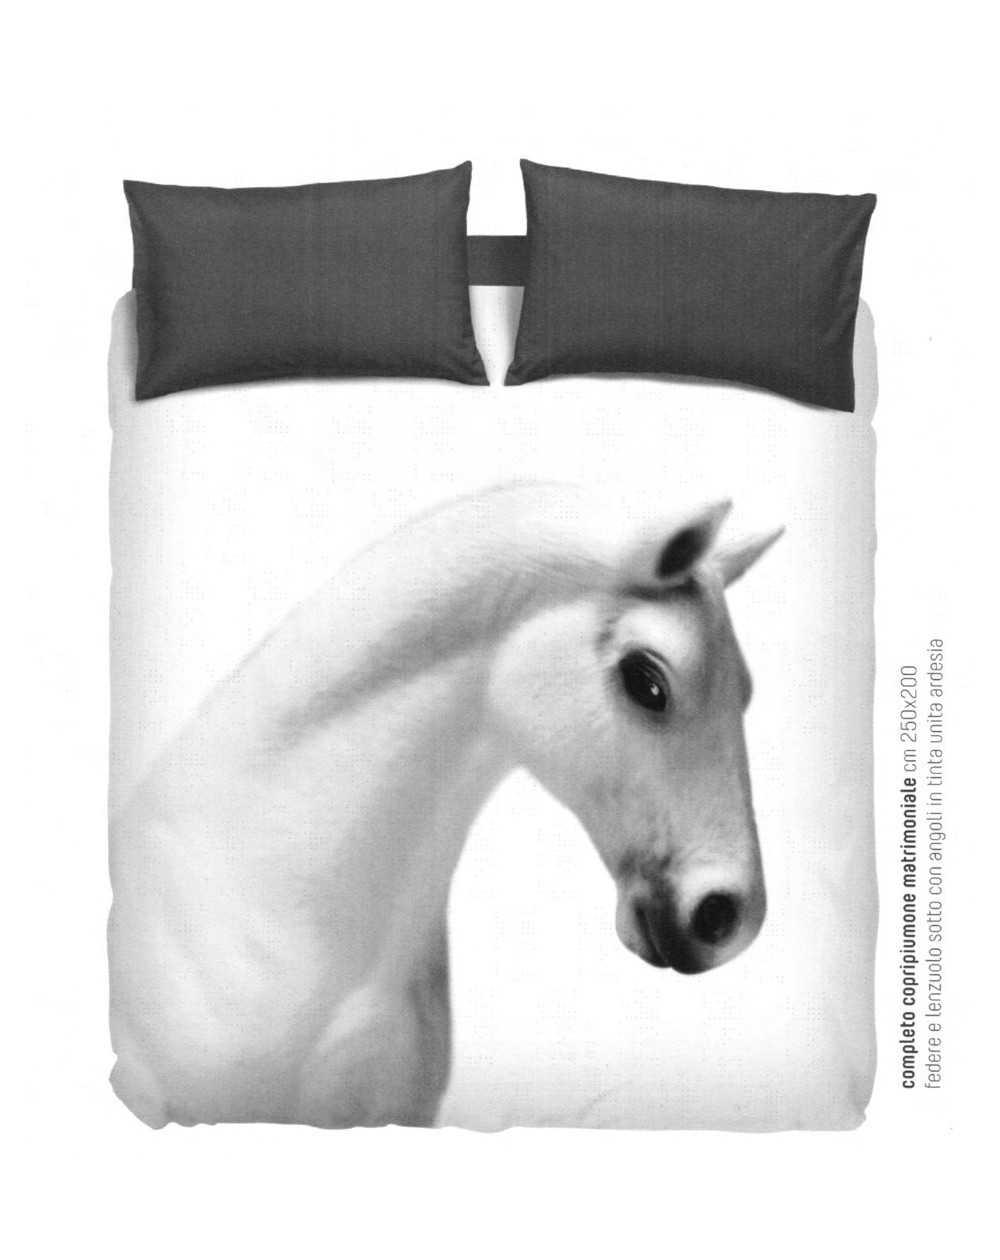 Copripiumino Singolo Con Cavalli.Completo Copripiumino Per Letto Matrimoniale Cavallo Imagine By